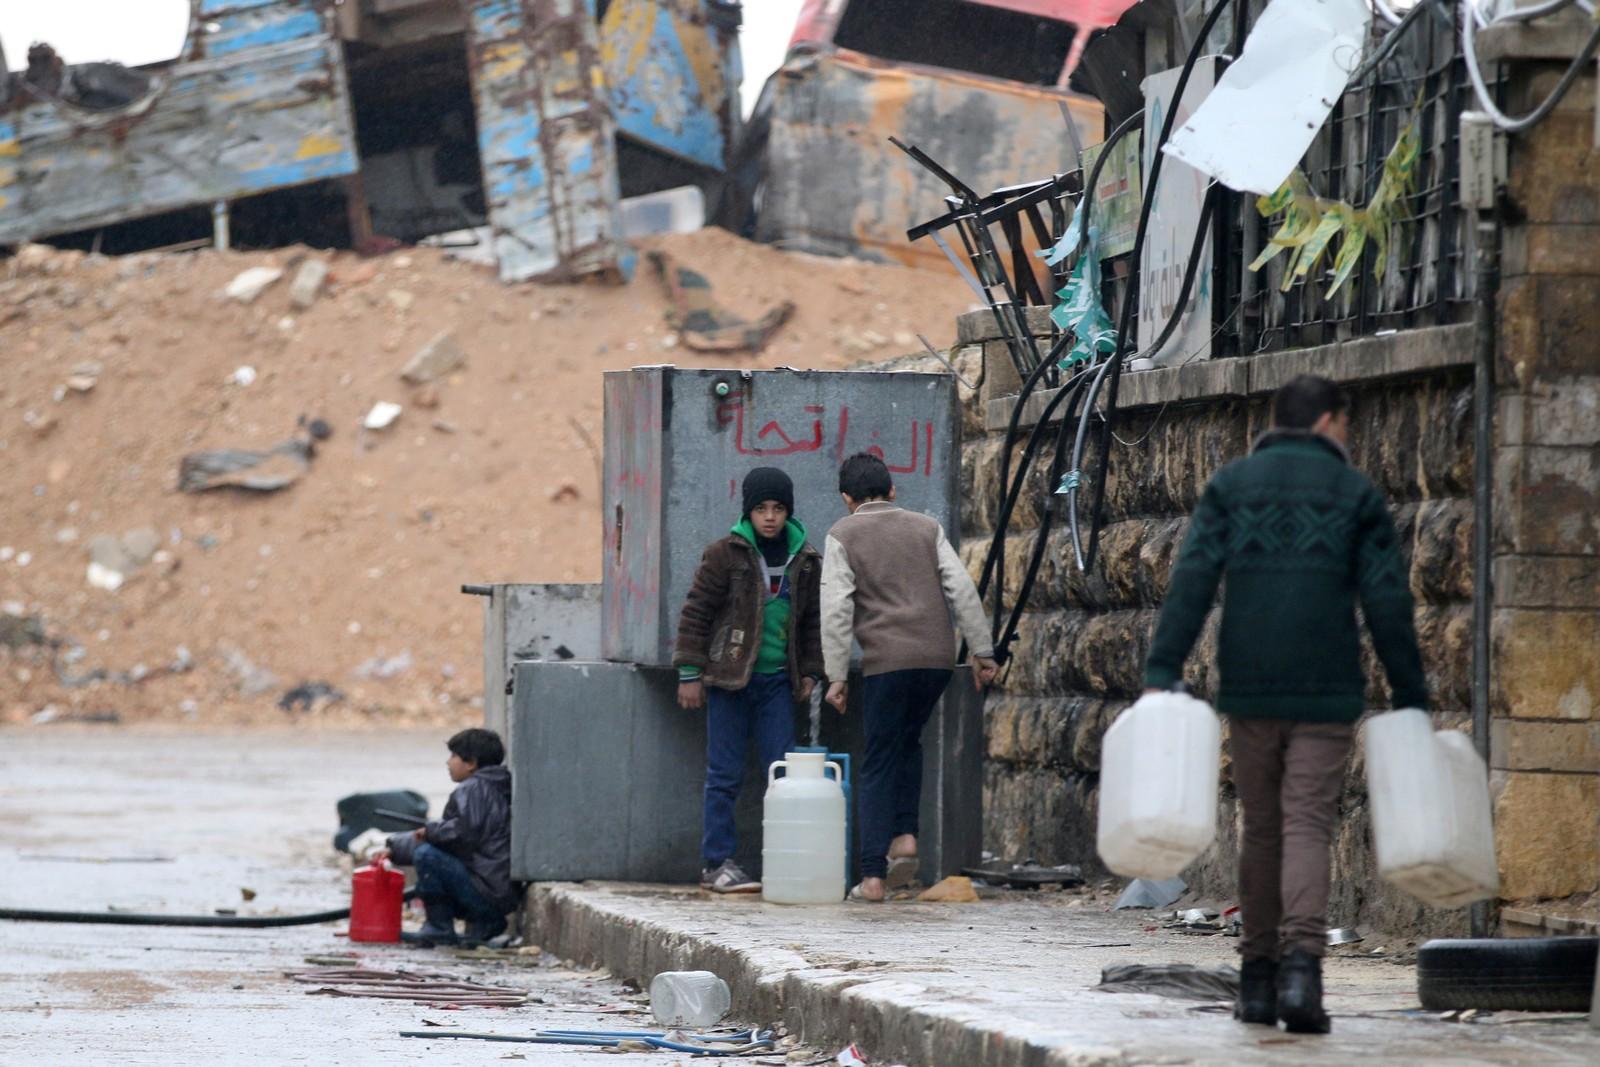 Sivile fyller vann på gata i et opprørskontrollert område av Aleppo.